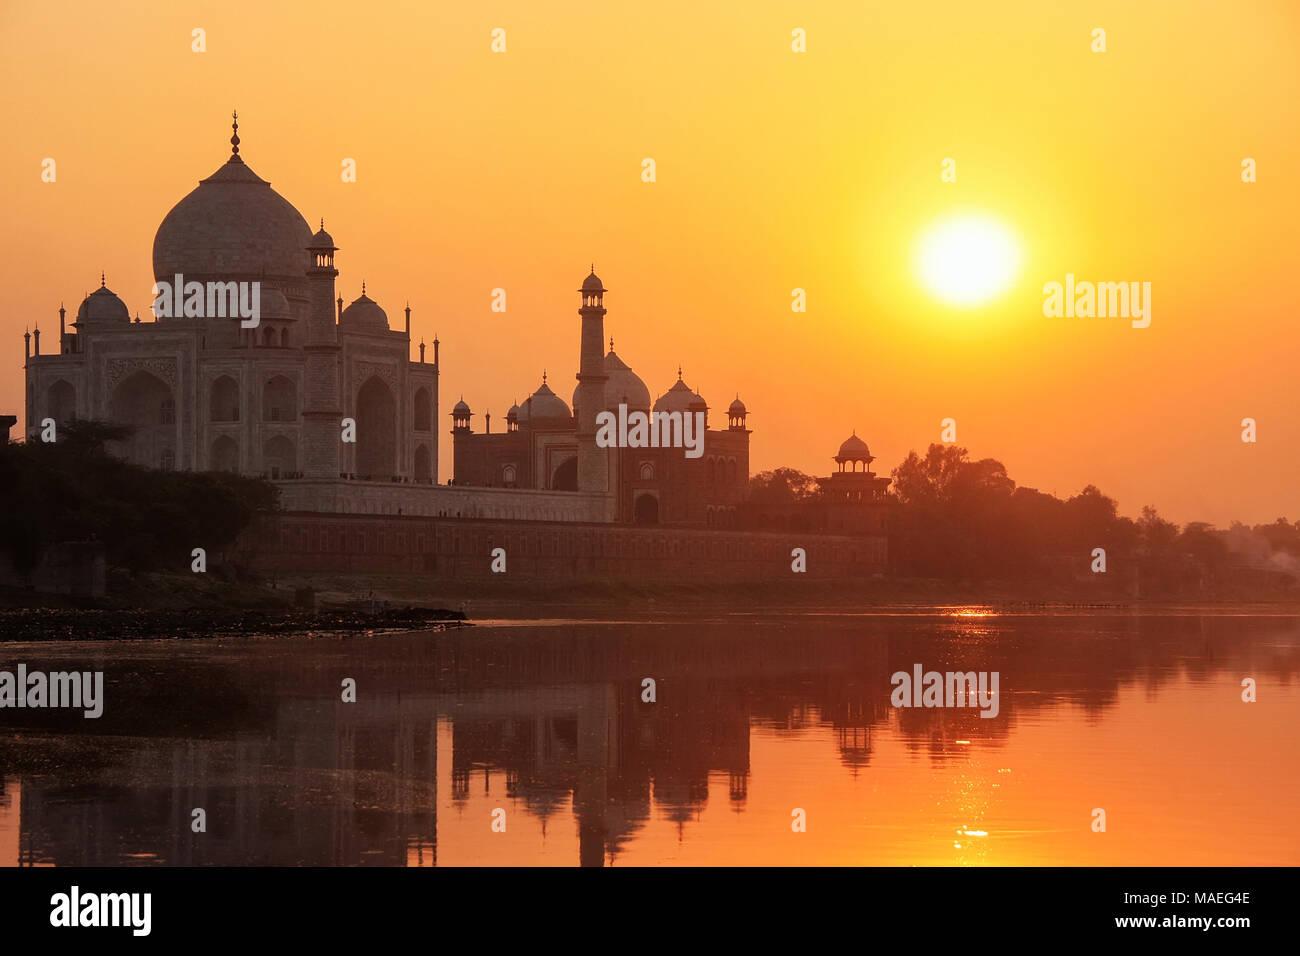 El Taj Mahal reflejado en el río Yamuna al atardecer en Agra, India. Fue encargado en 1632 por el Emperador mogol Shah Jahan para albergar la tumba de su fa Imagen De Stock